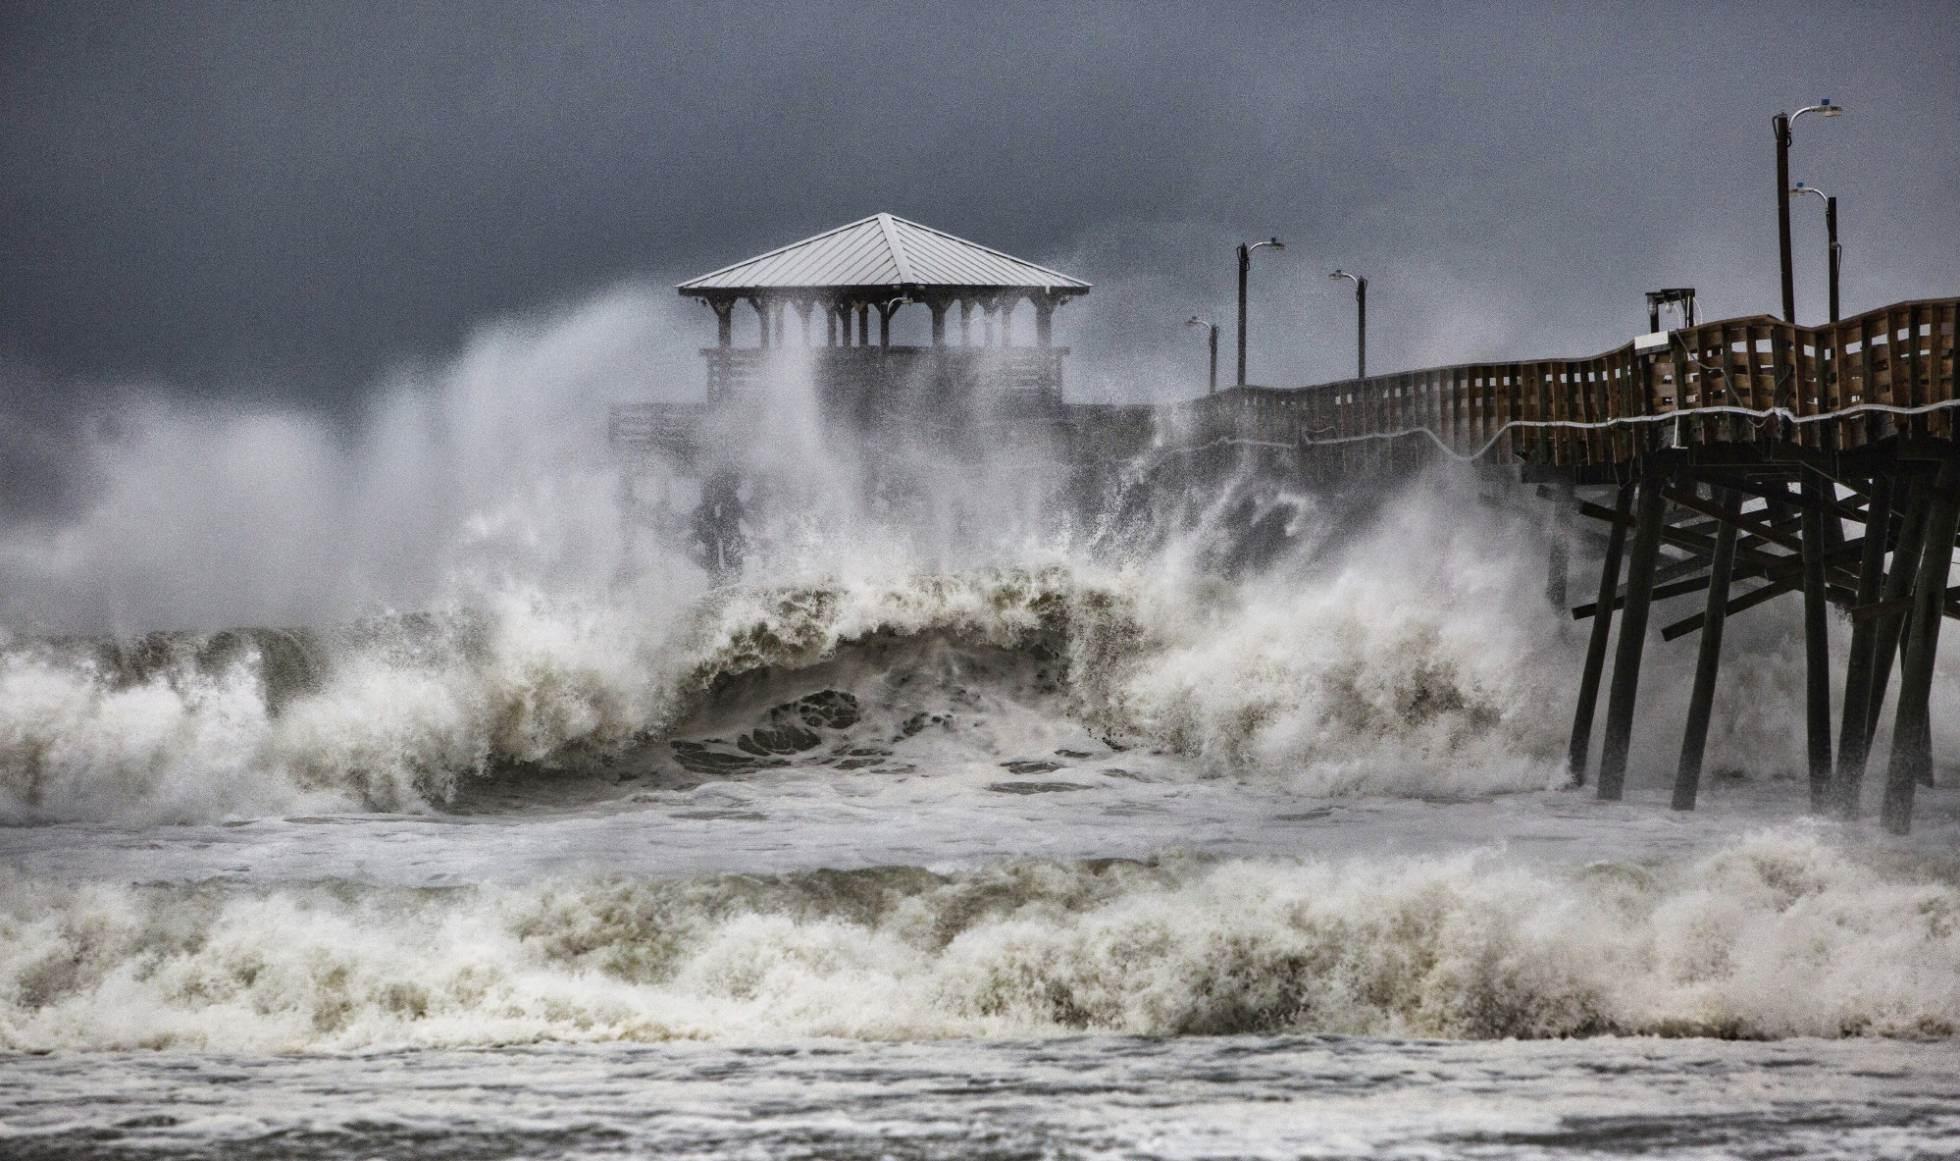 Las olas rompern contra un restaurante en la costa de Atlantic Beach (Carolina del Norte). TRAVIS LONG AP